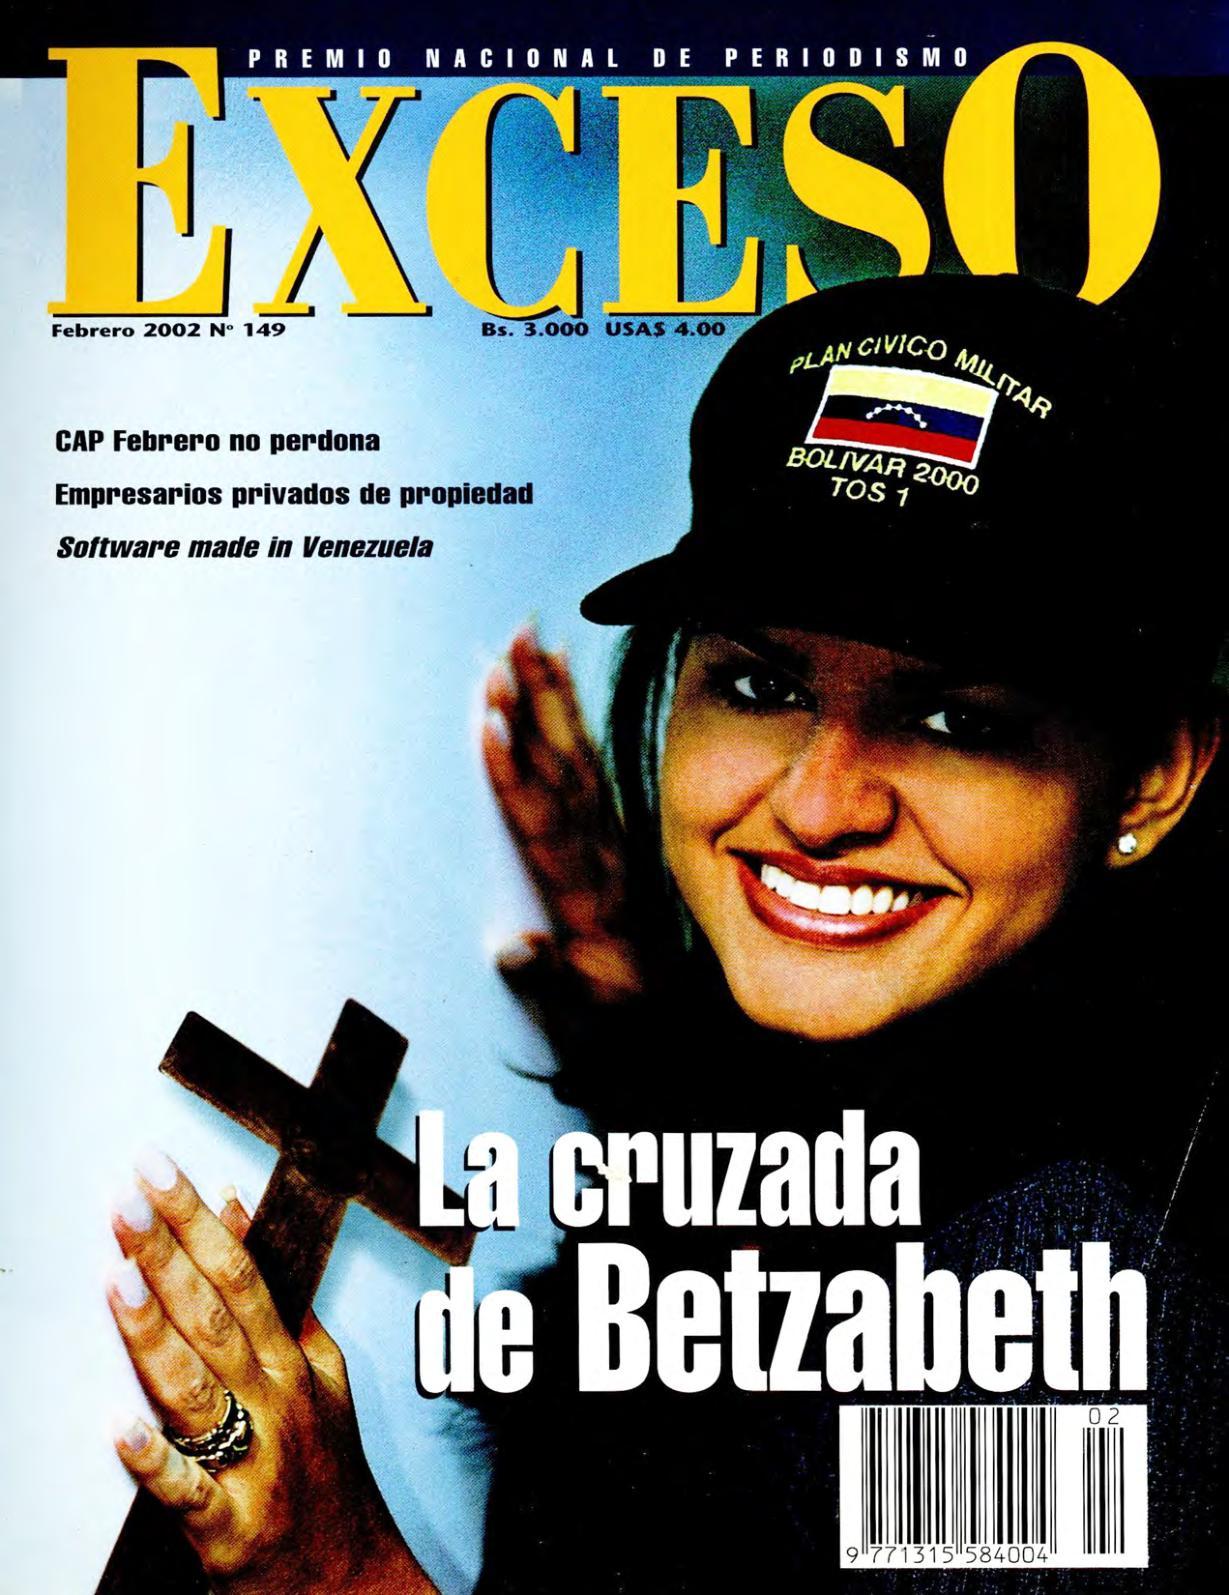 Calaméo - REVISTA EXCESO EDICIÓN Nº 149 FEBRERO 2002 ce242d42a1e